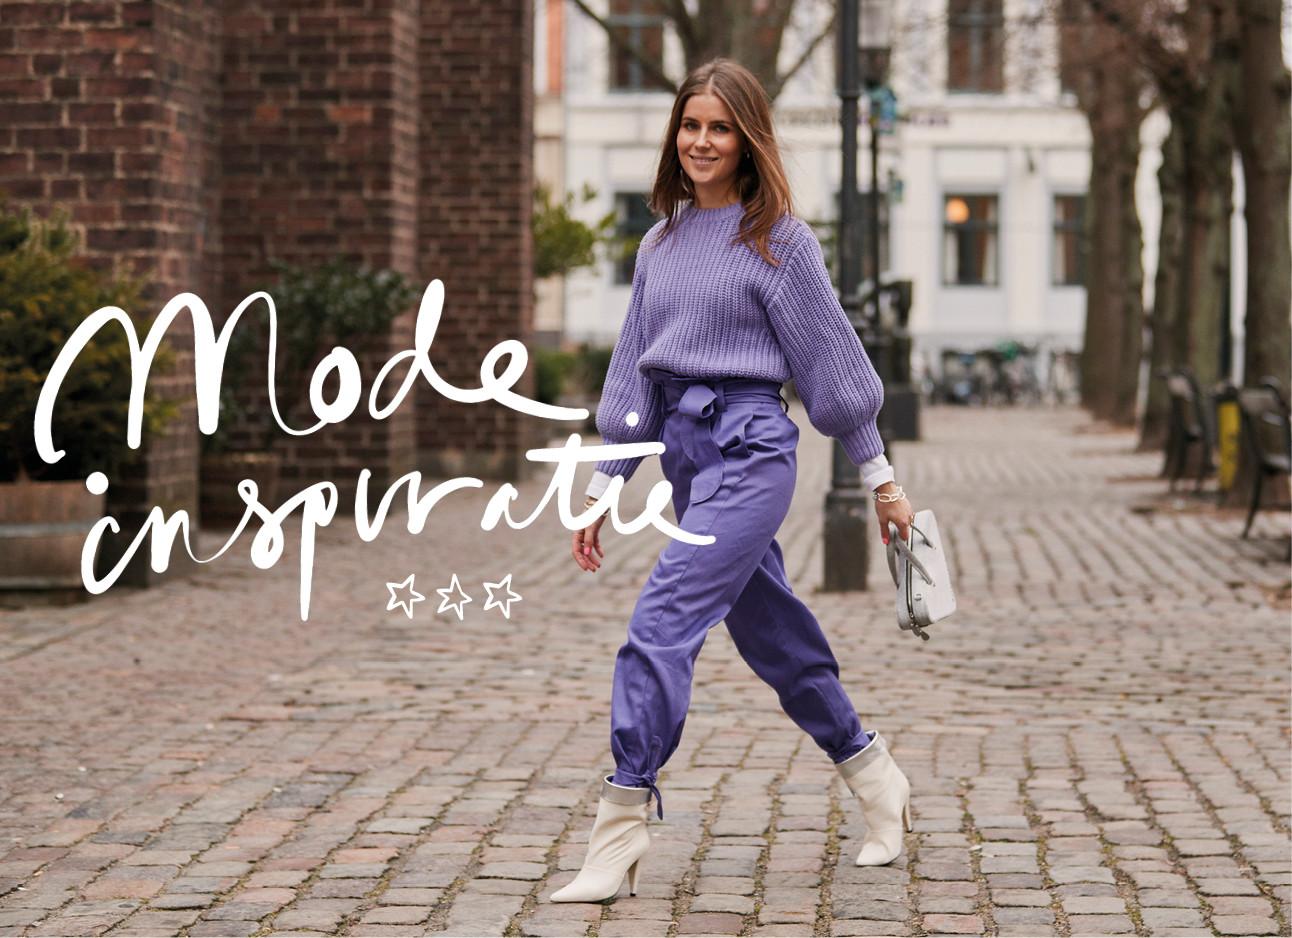 vrouw in paars gekleed lopend over straat